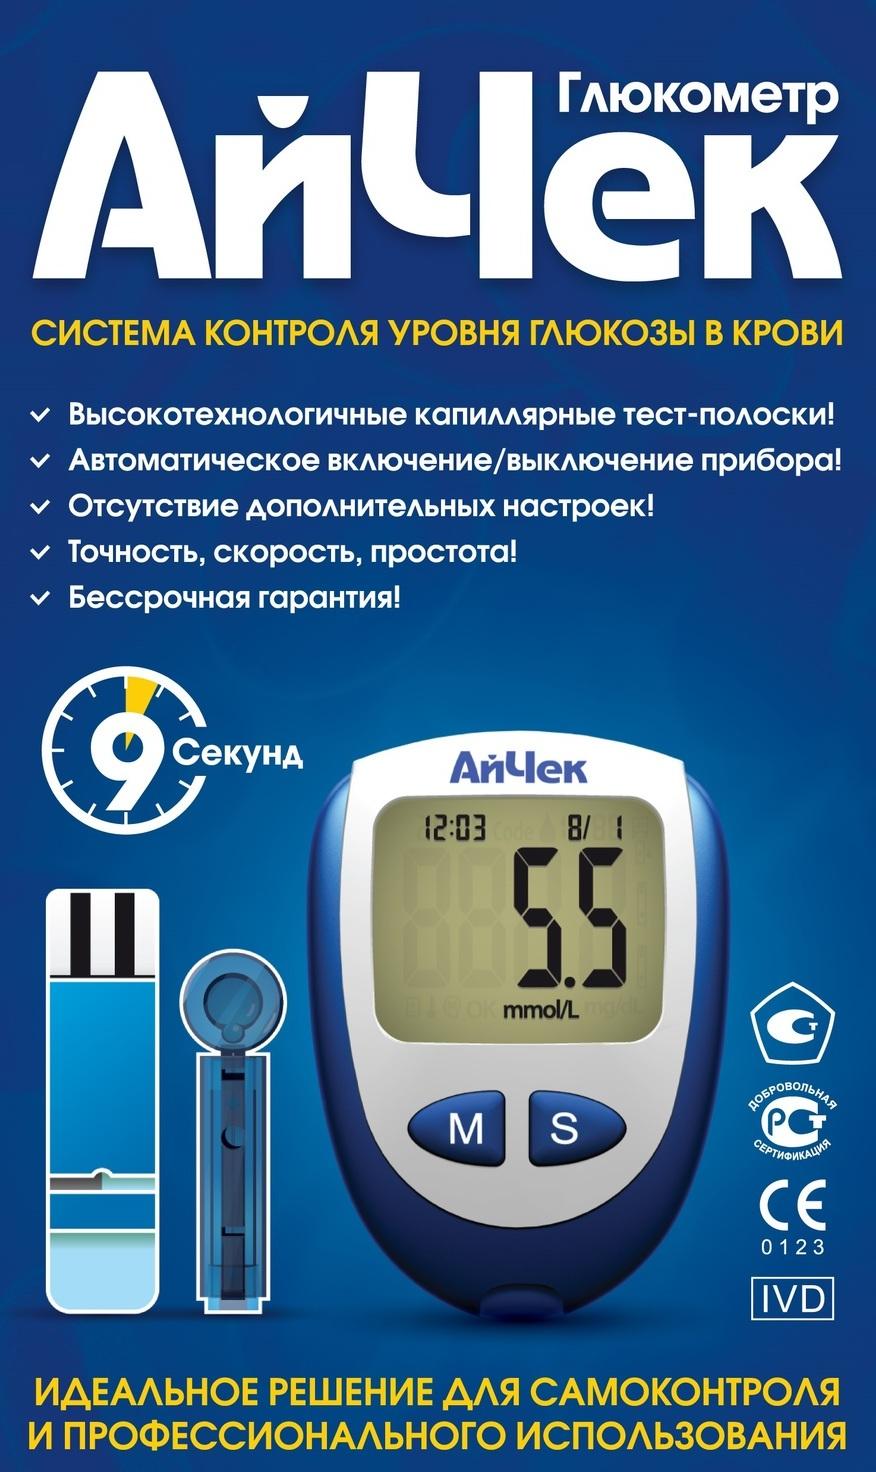 Прибор для измерения сахара в крови. Как выбрать глюкометр 87